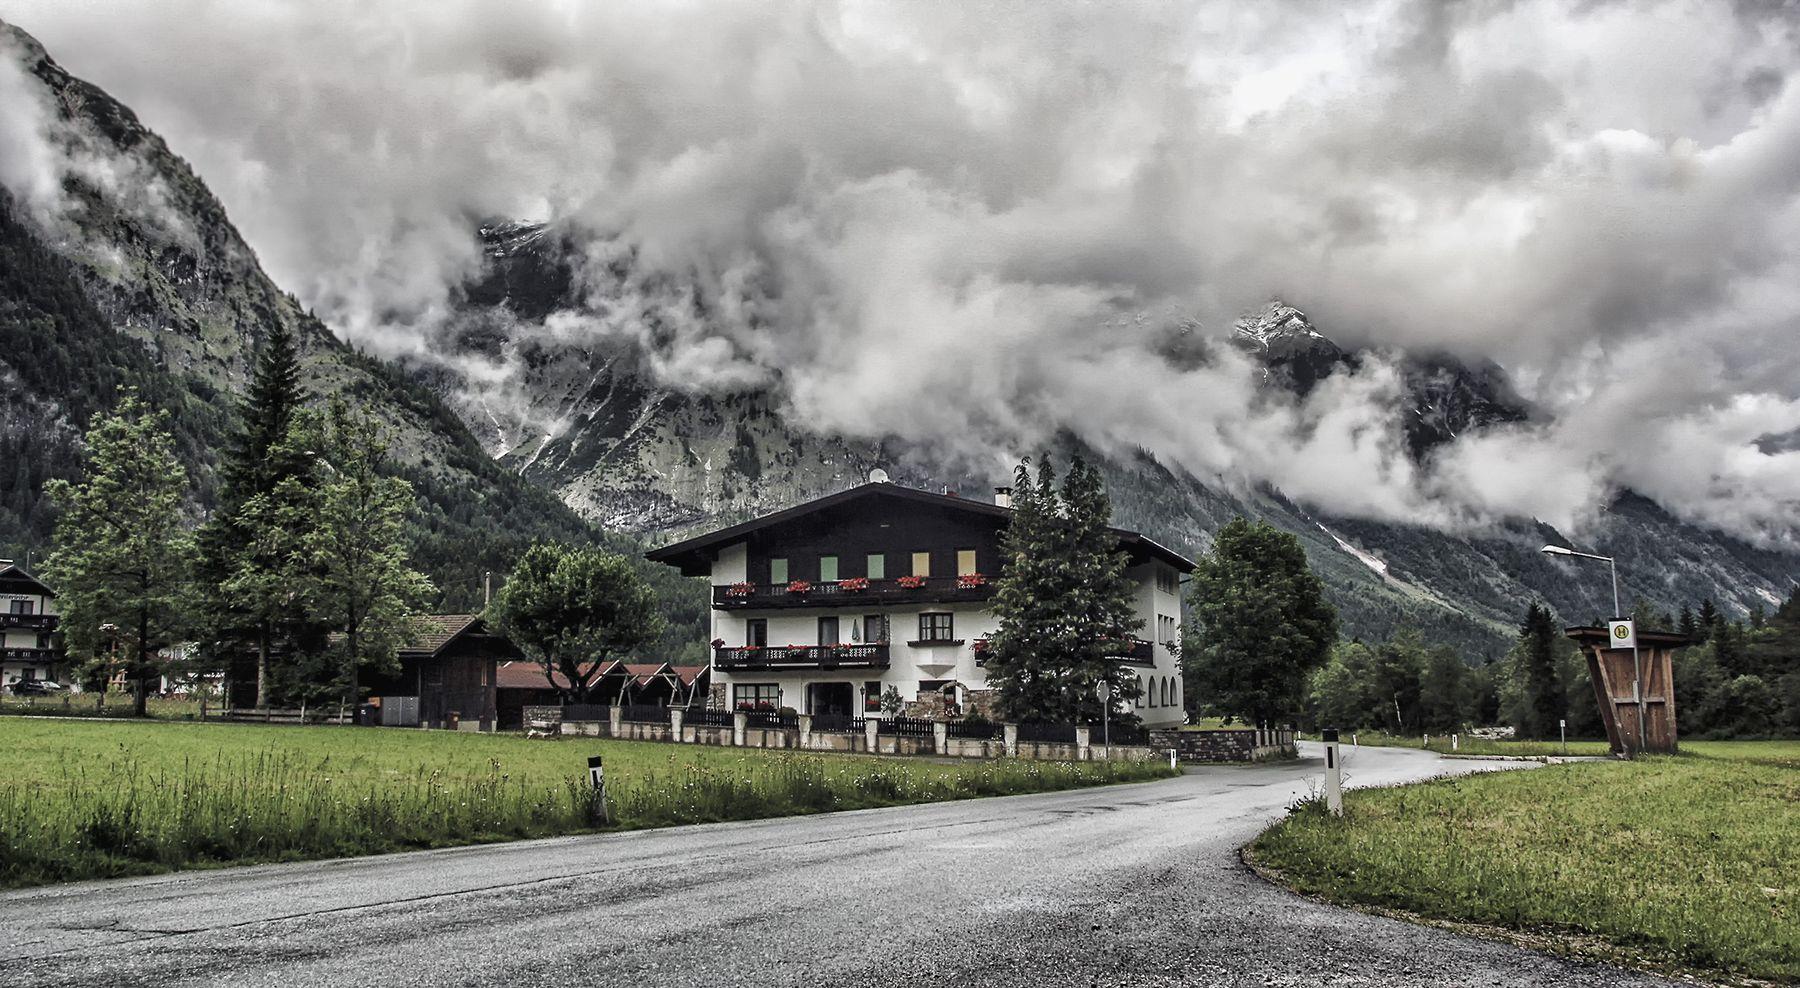 У дороги Австрия Тироль